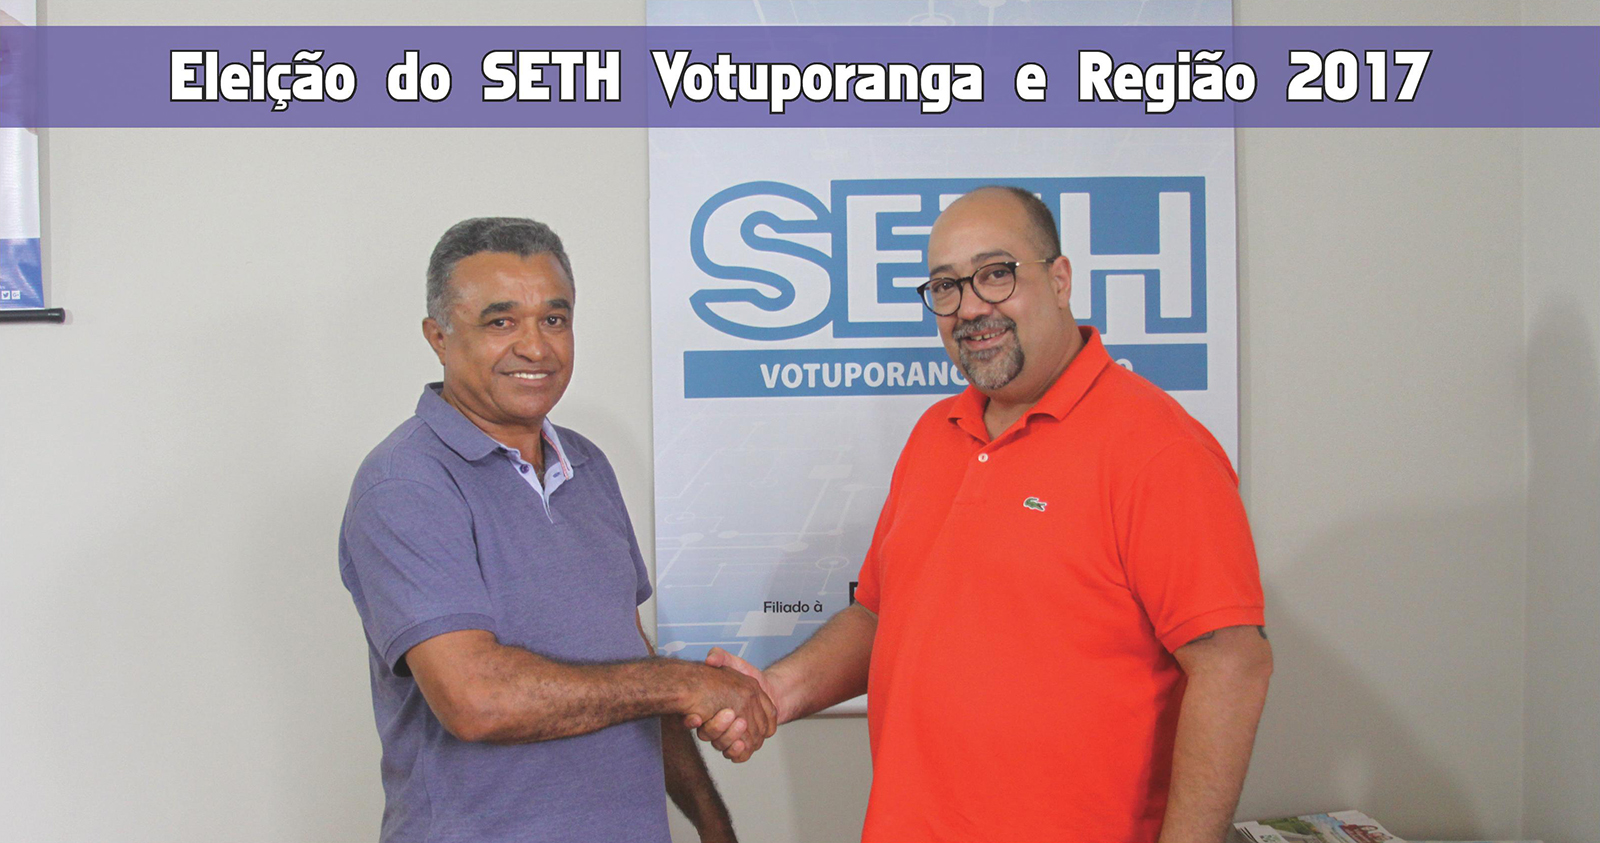 Eleição do SETH Votuporanga 2017